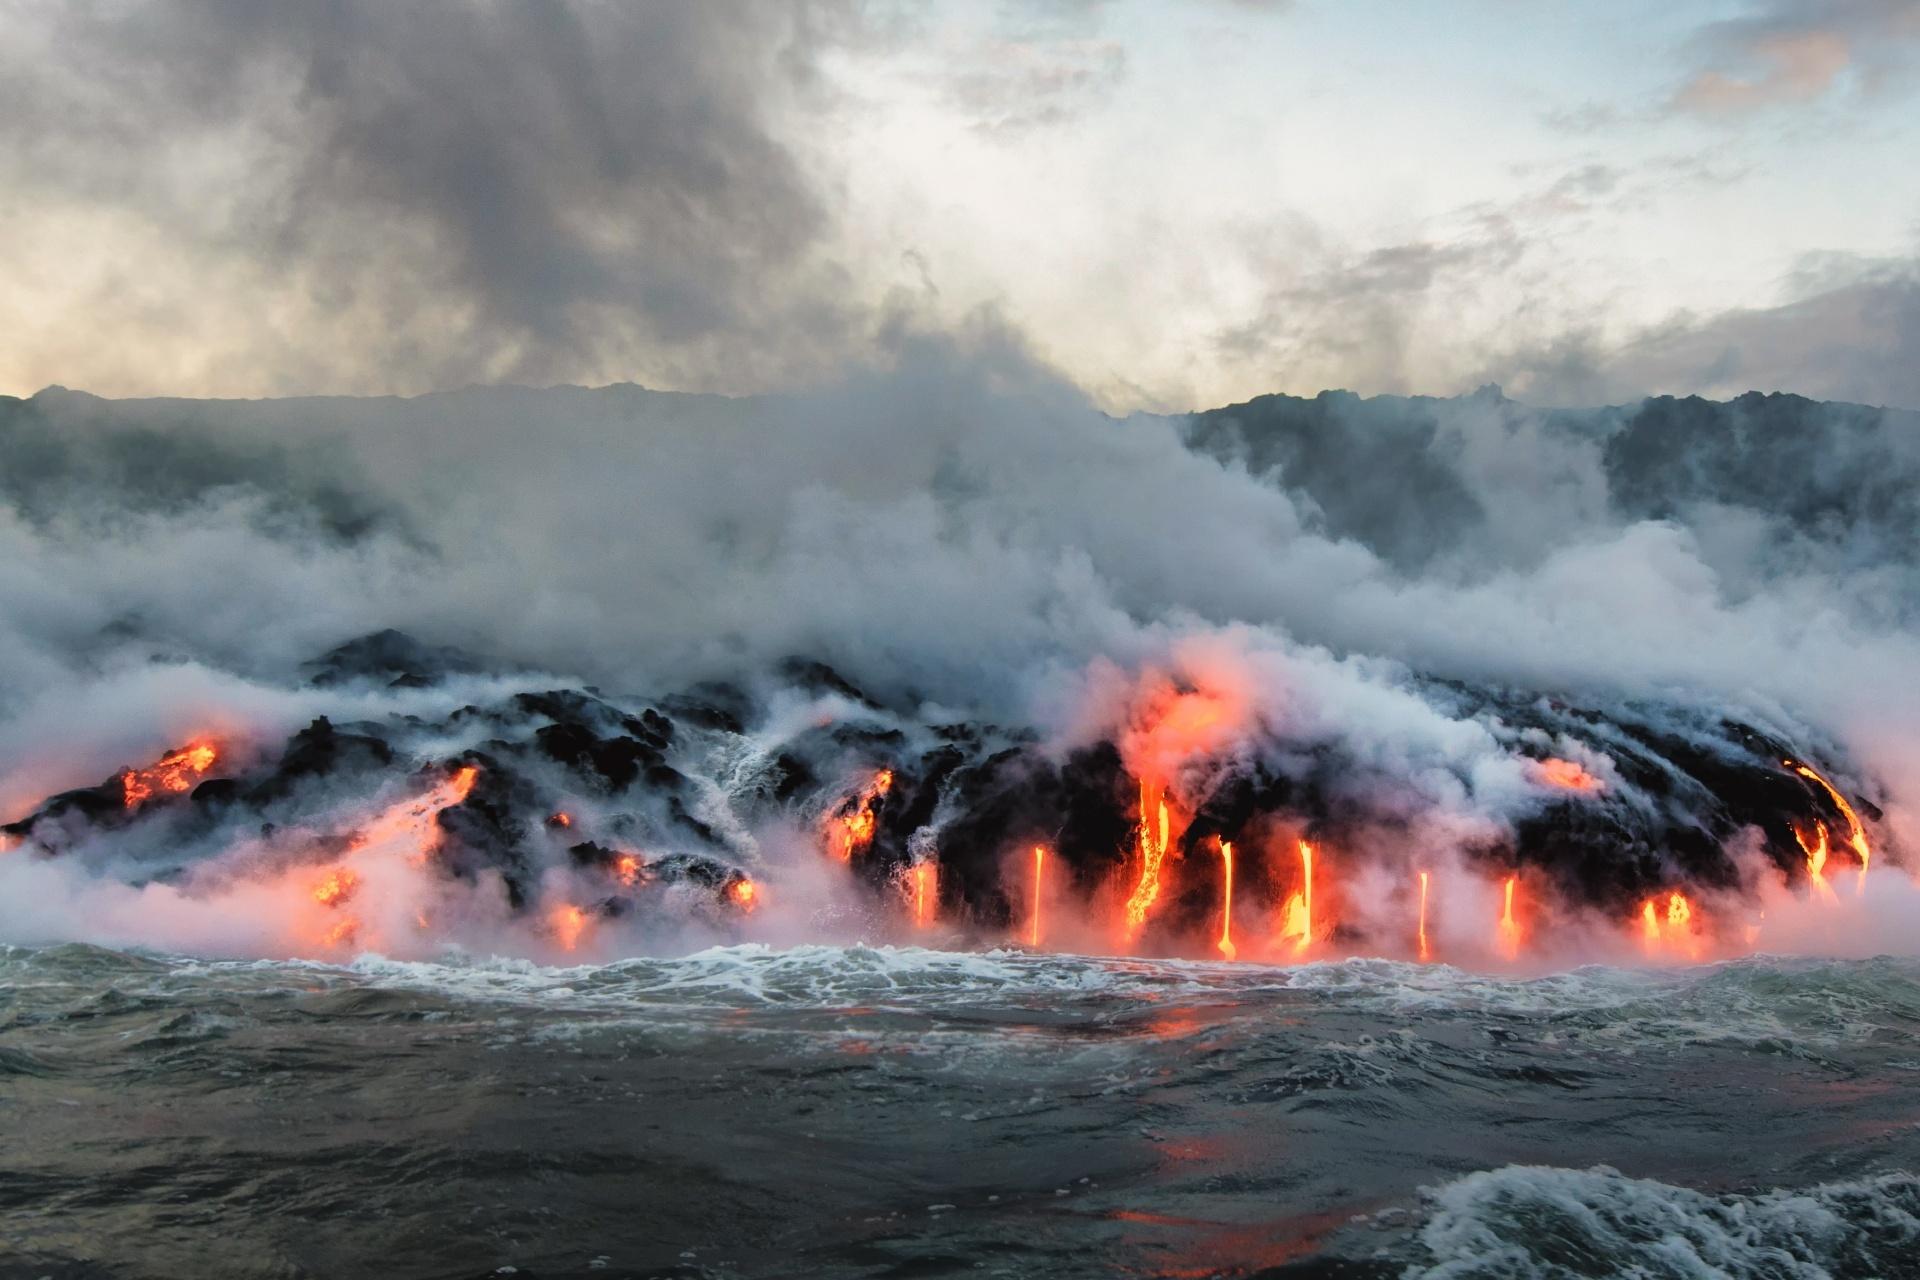 海に流れ込む溶岩の風景 ハワイ アメリカの風景